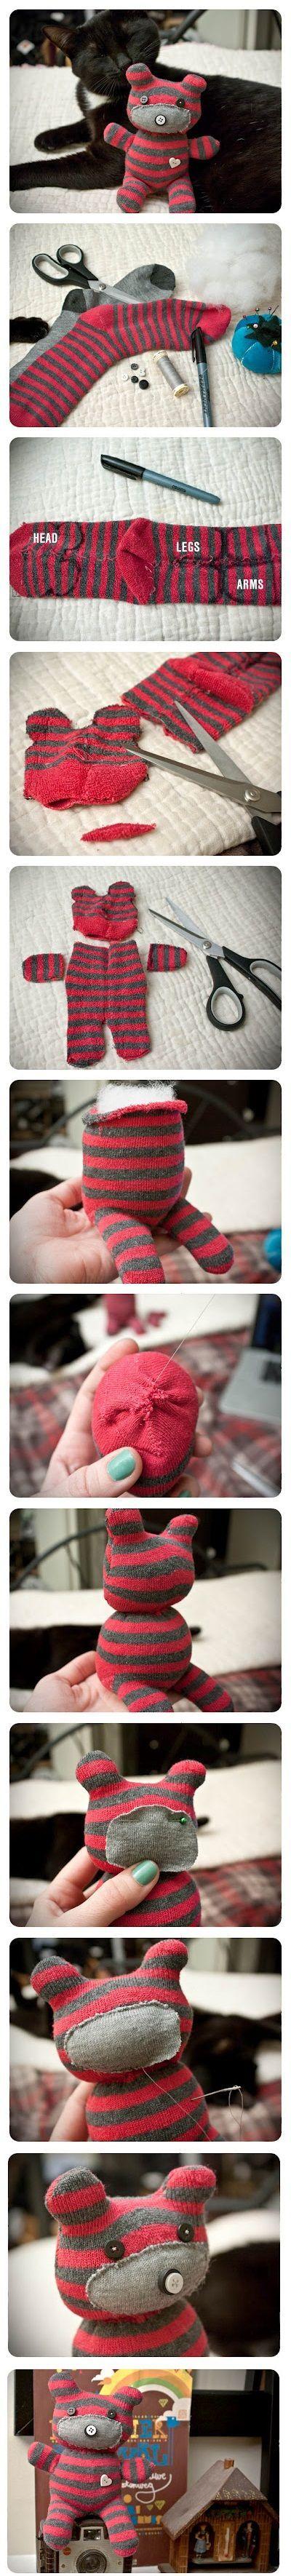 Çoraptan Oyuncak Modelleri ve Yapımı #stuffedanimals